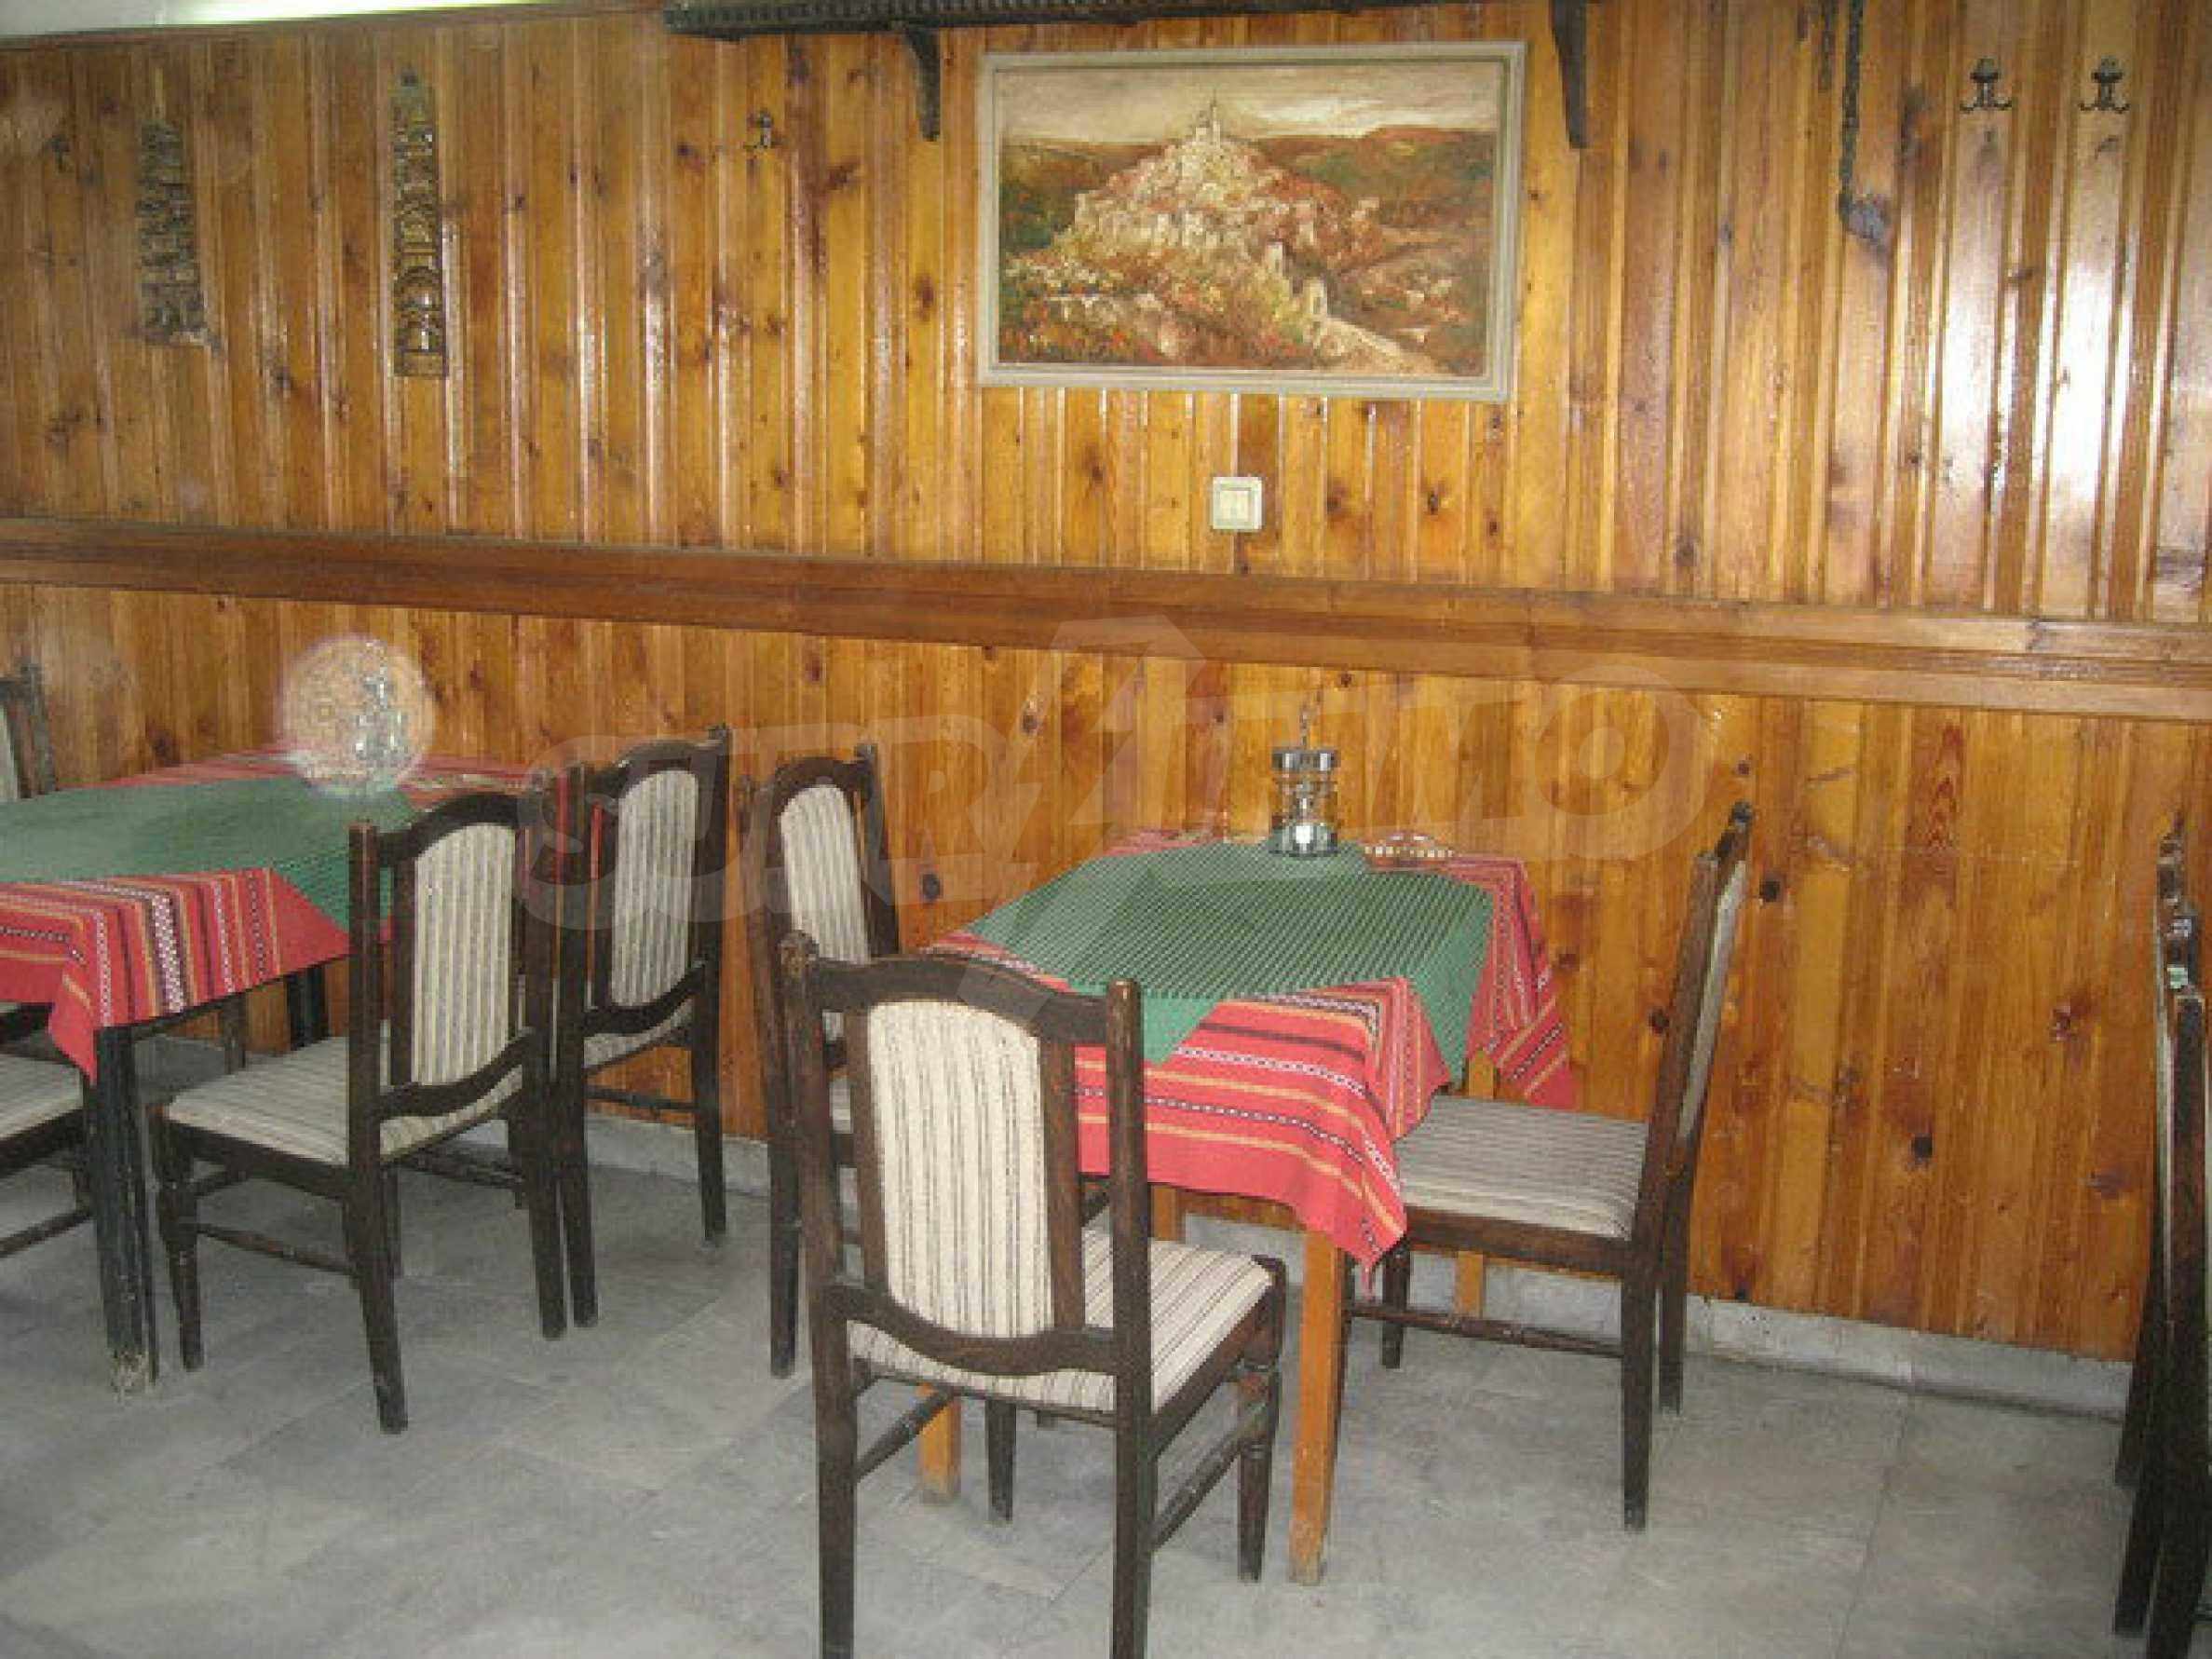 Funktionierendes Gasthaus / Taverne Meter vom Zaren-Assen-I-Platz in der alten Hauptstadt entfernt 10